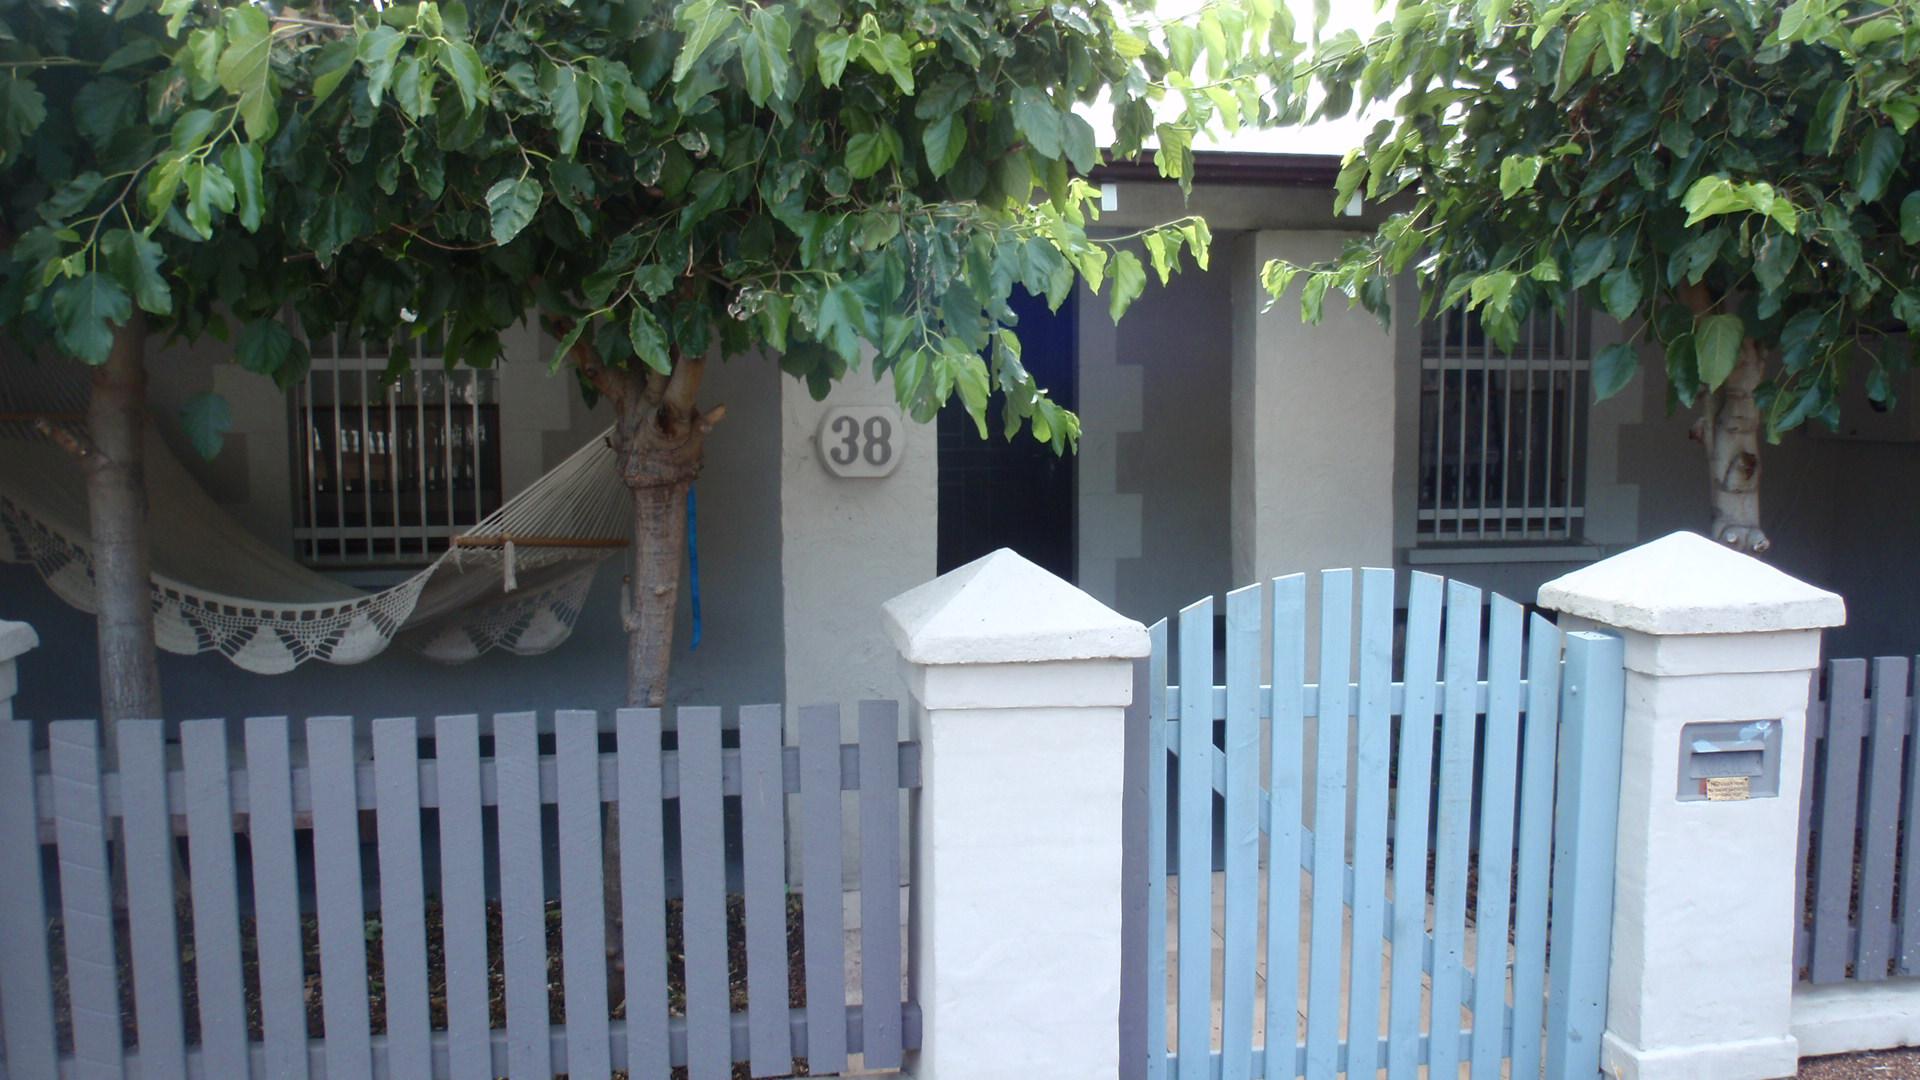 38 Glyde Street on 130115 (1).JPG